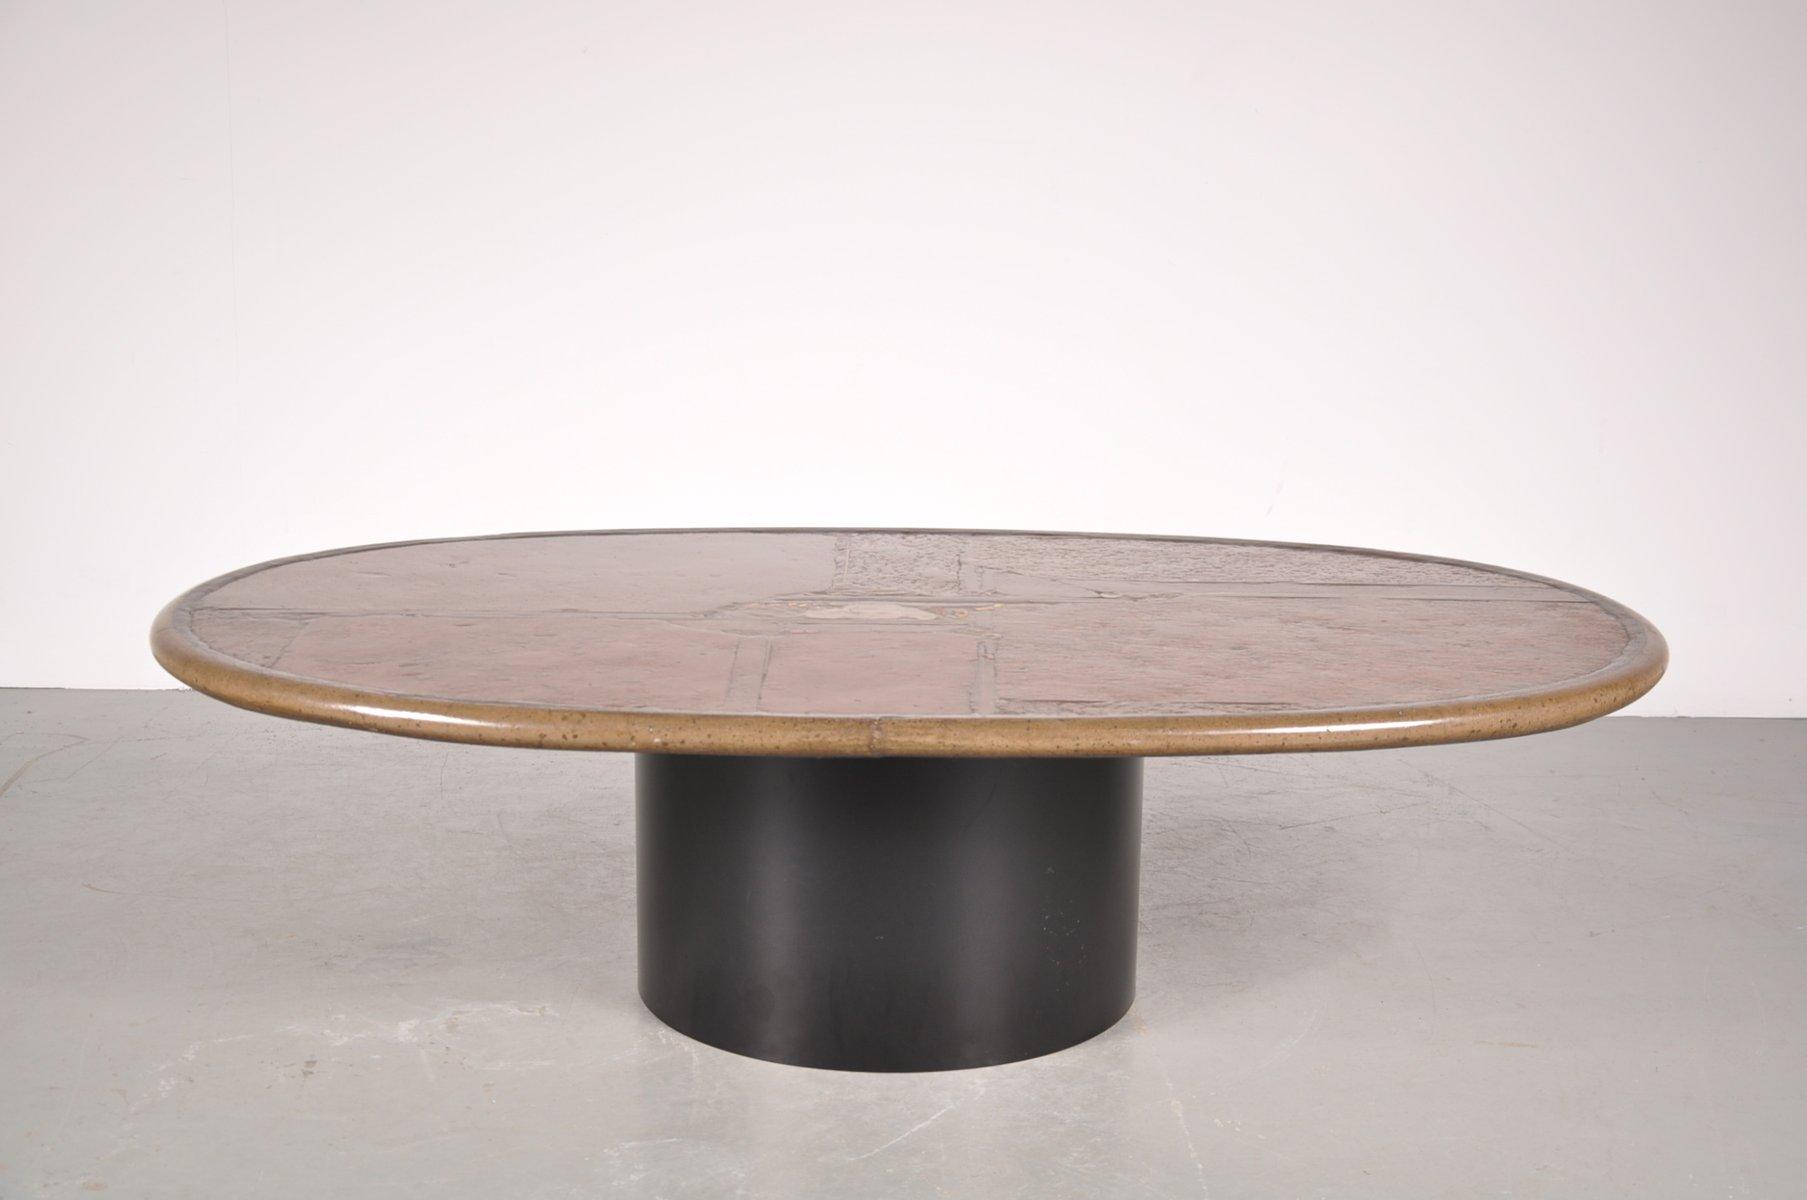 vintage stein couchtisch von paul kingma 1993 bei pamono. Black Bedroom Furniture Sets. Home Design Ideas